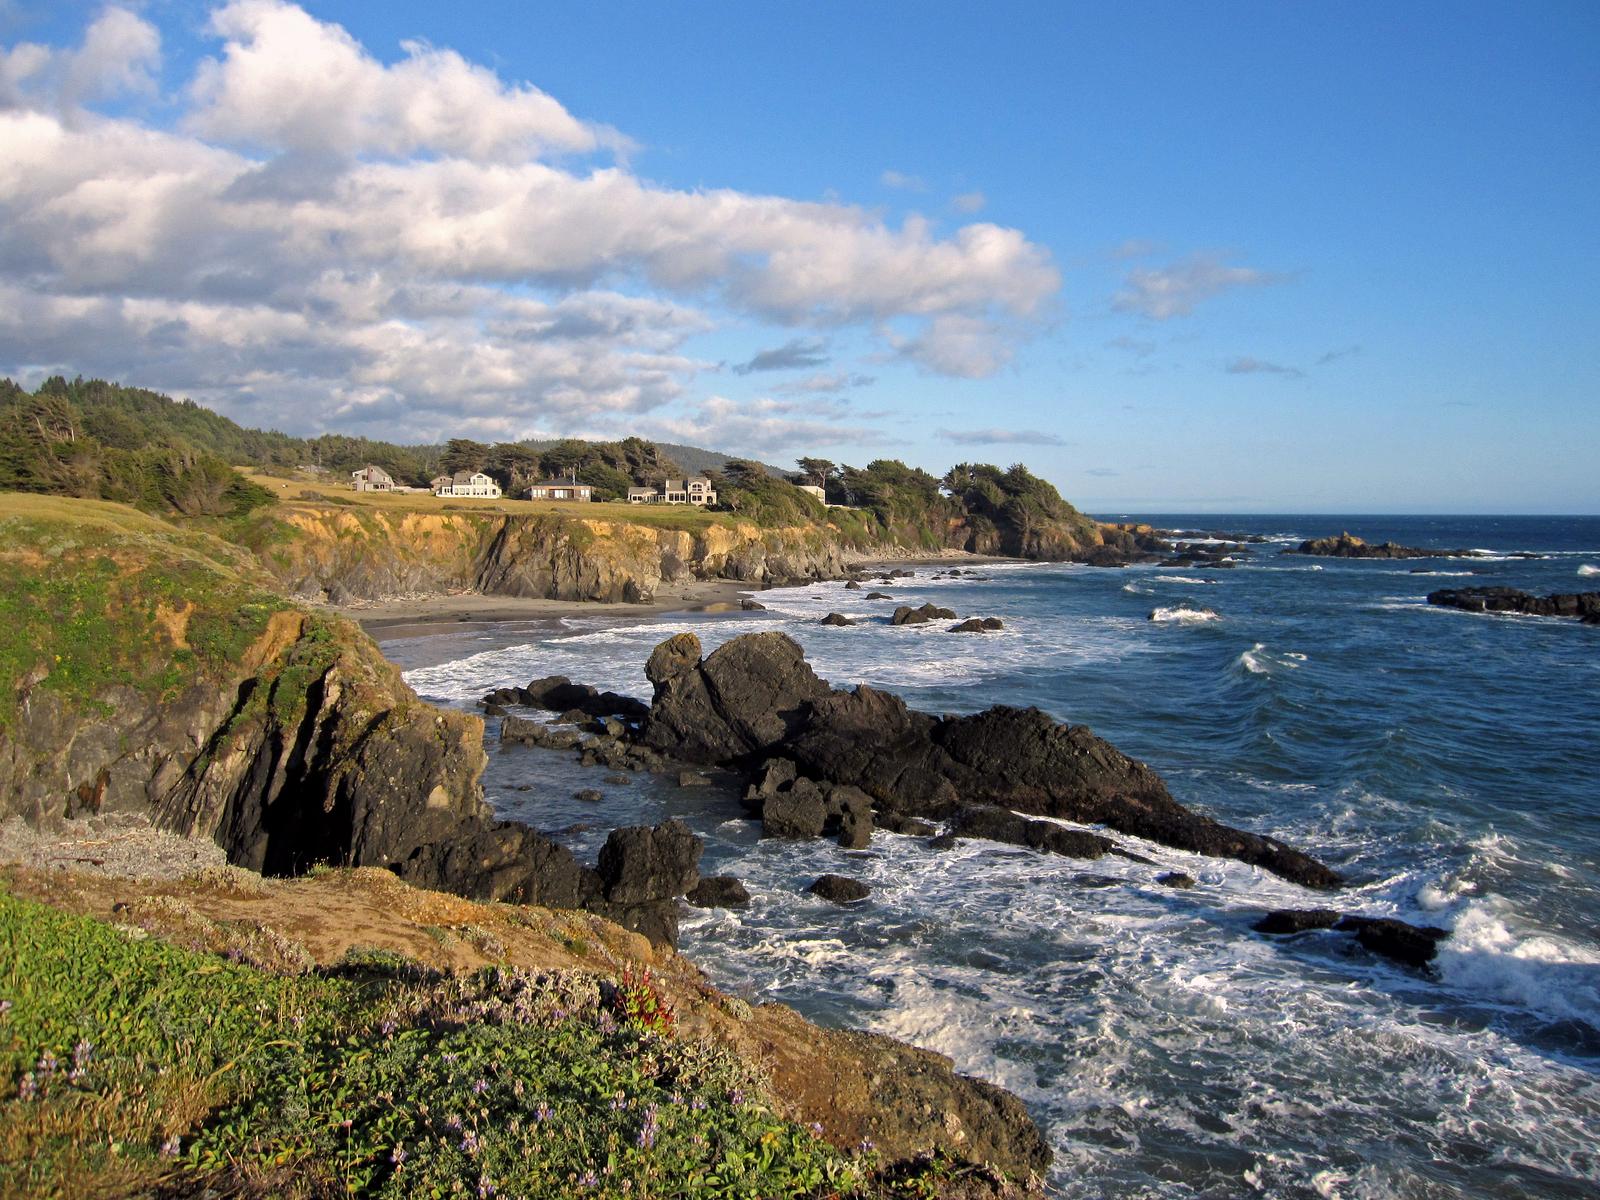 Sea Ranch, Sonoma County coast, California